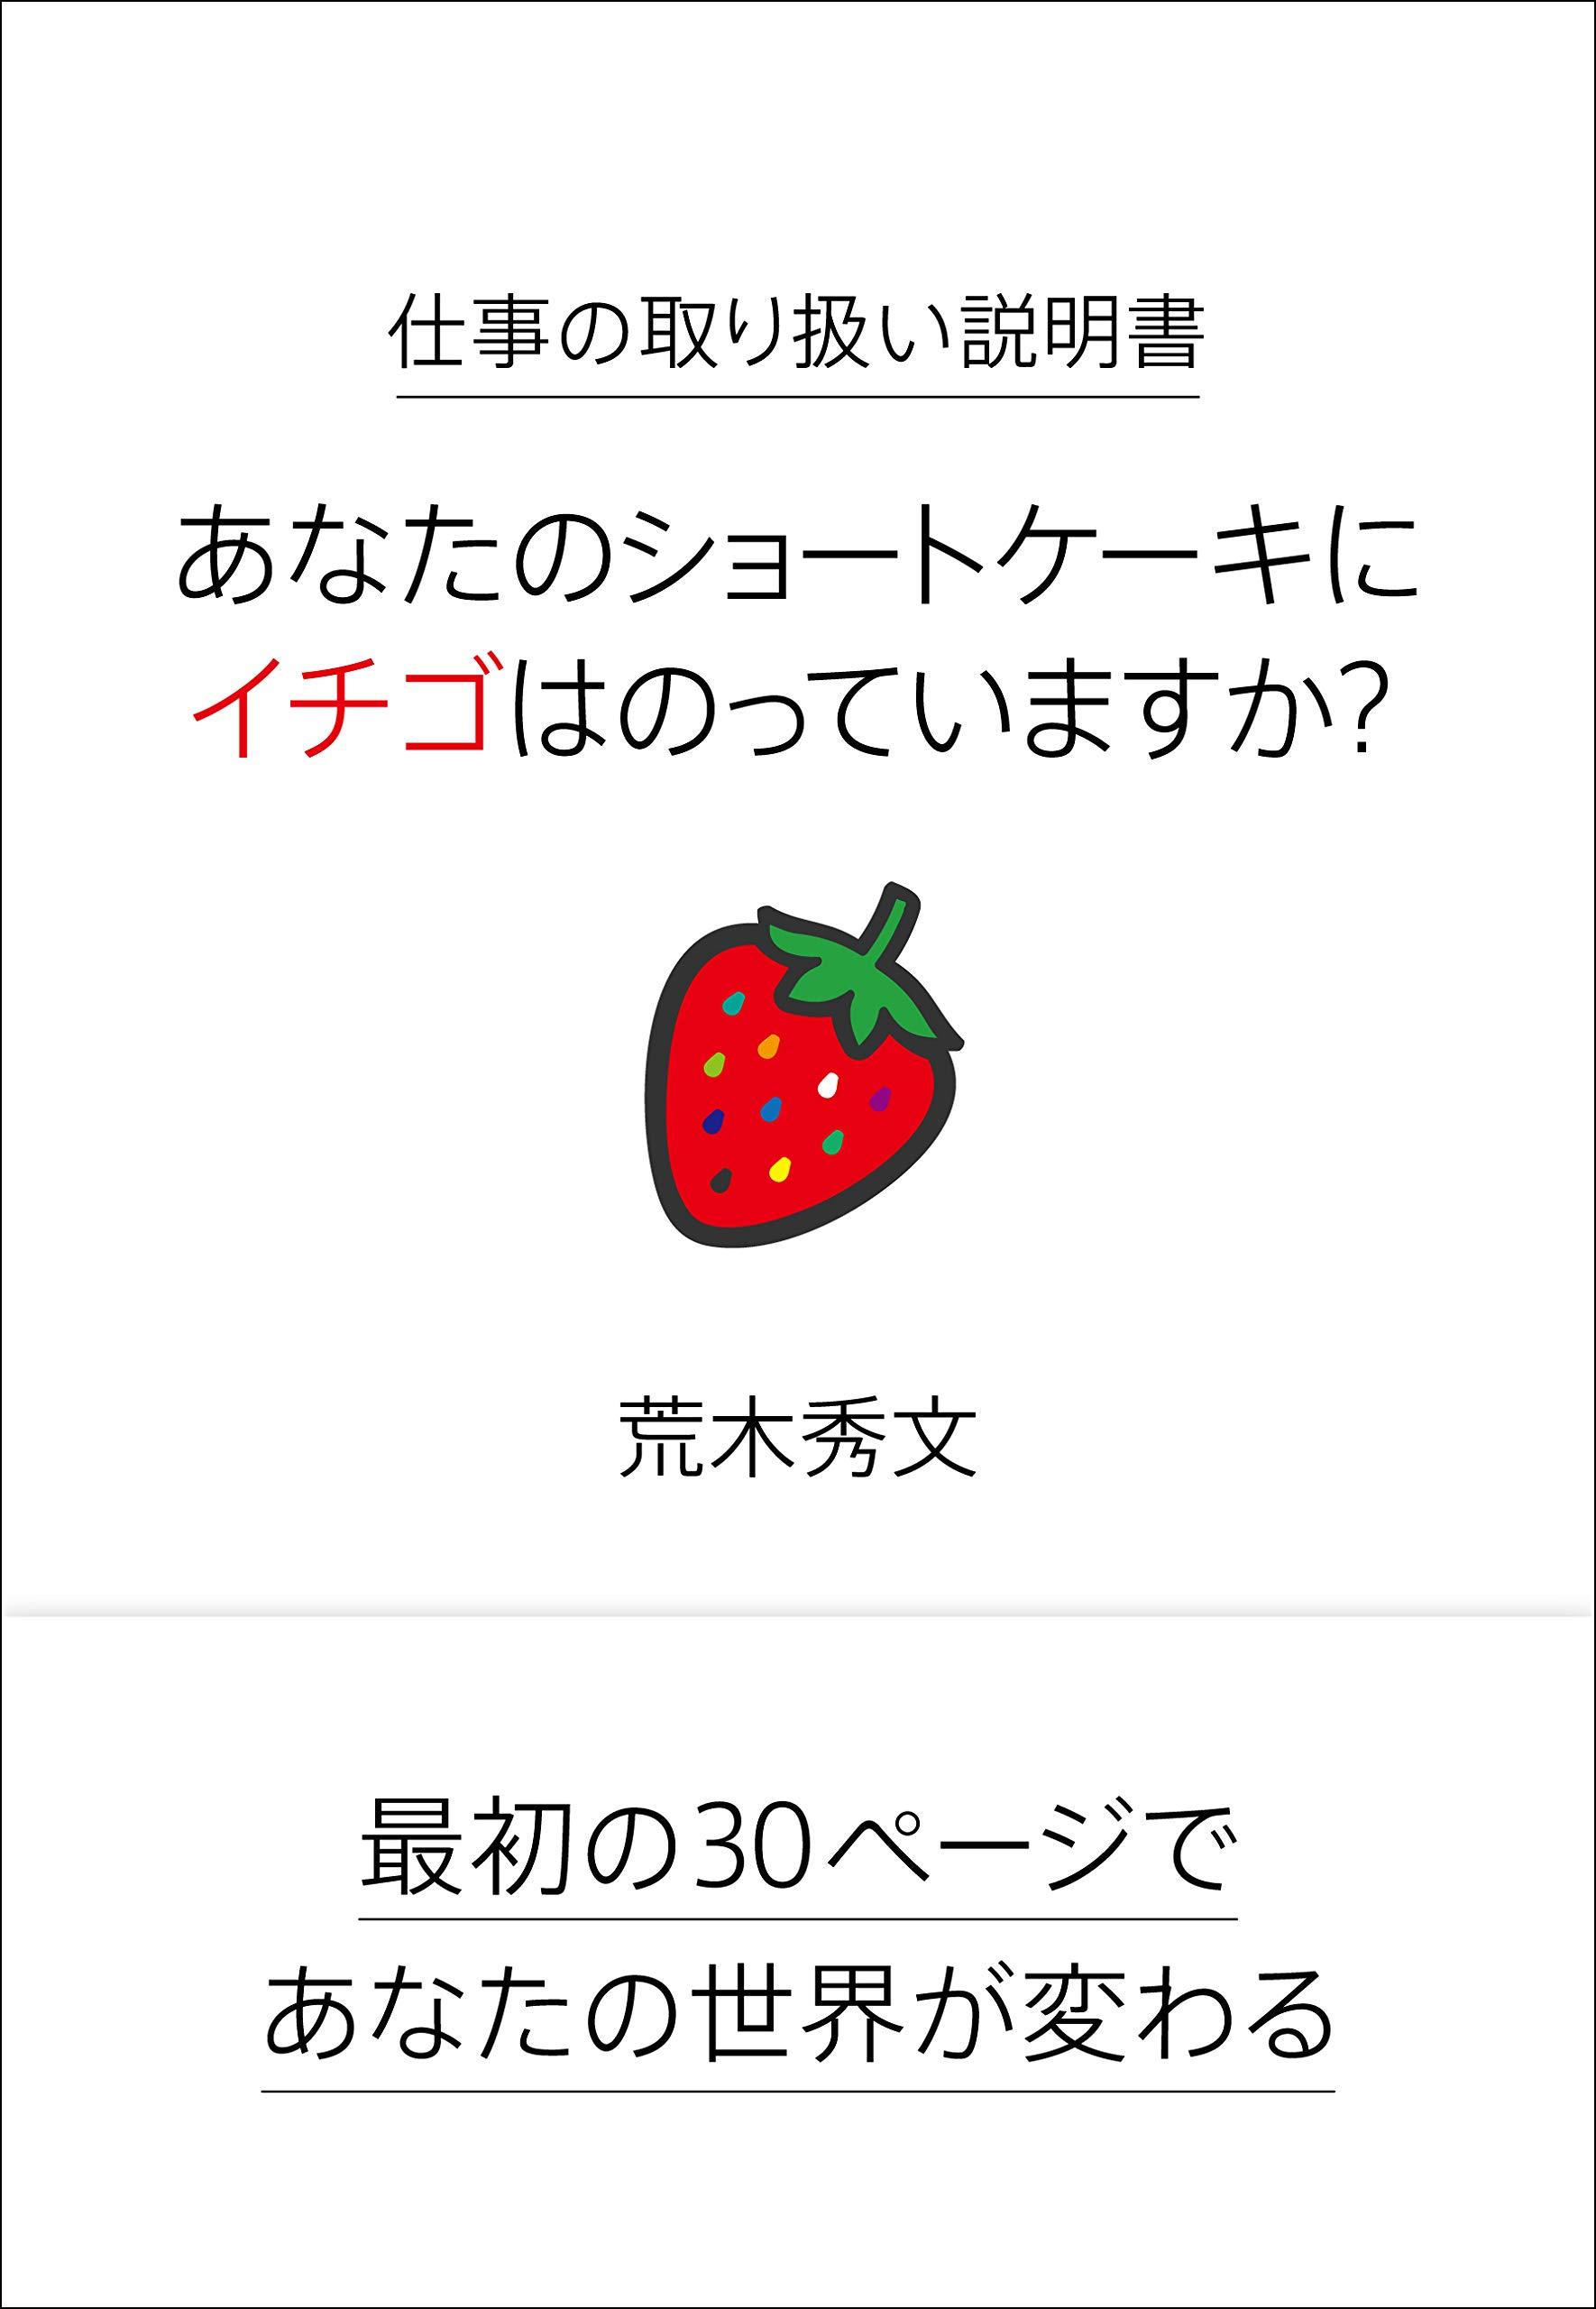 仕事の取り扱い説明書――あなたのショートケーキにイチゴはのっていますか?